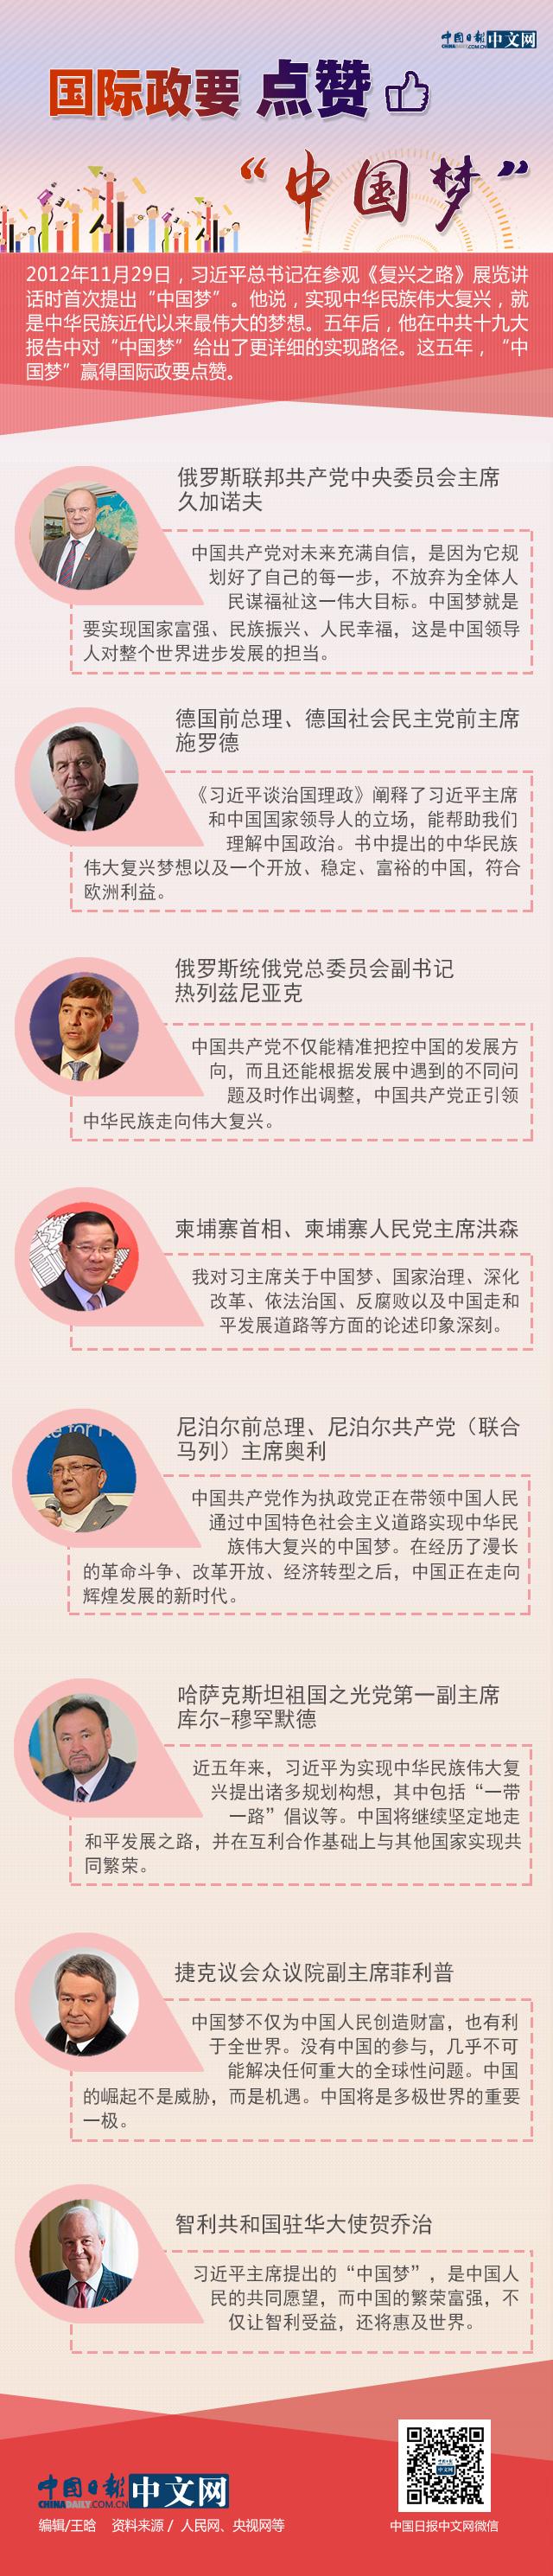 """国际政要点赞""""中国梦"""""""